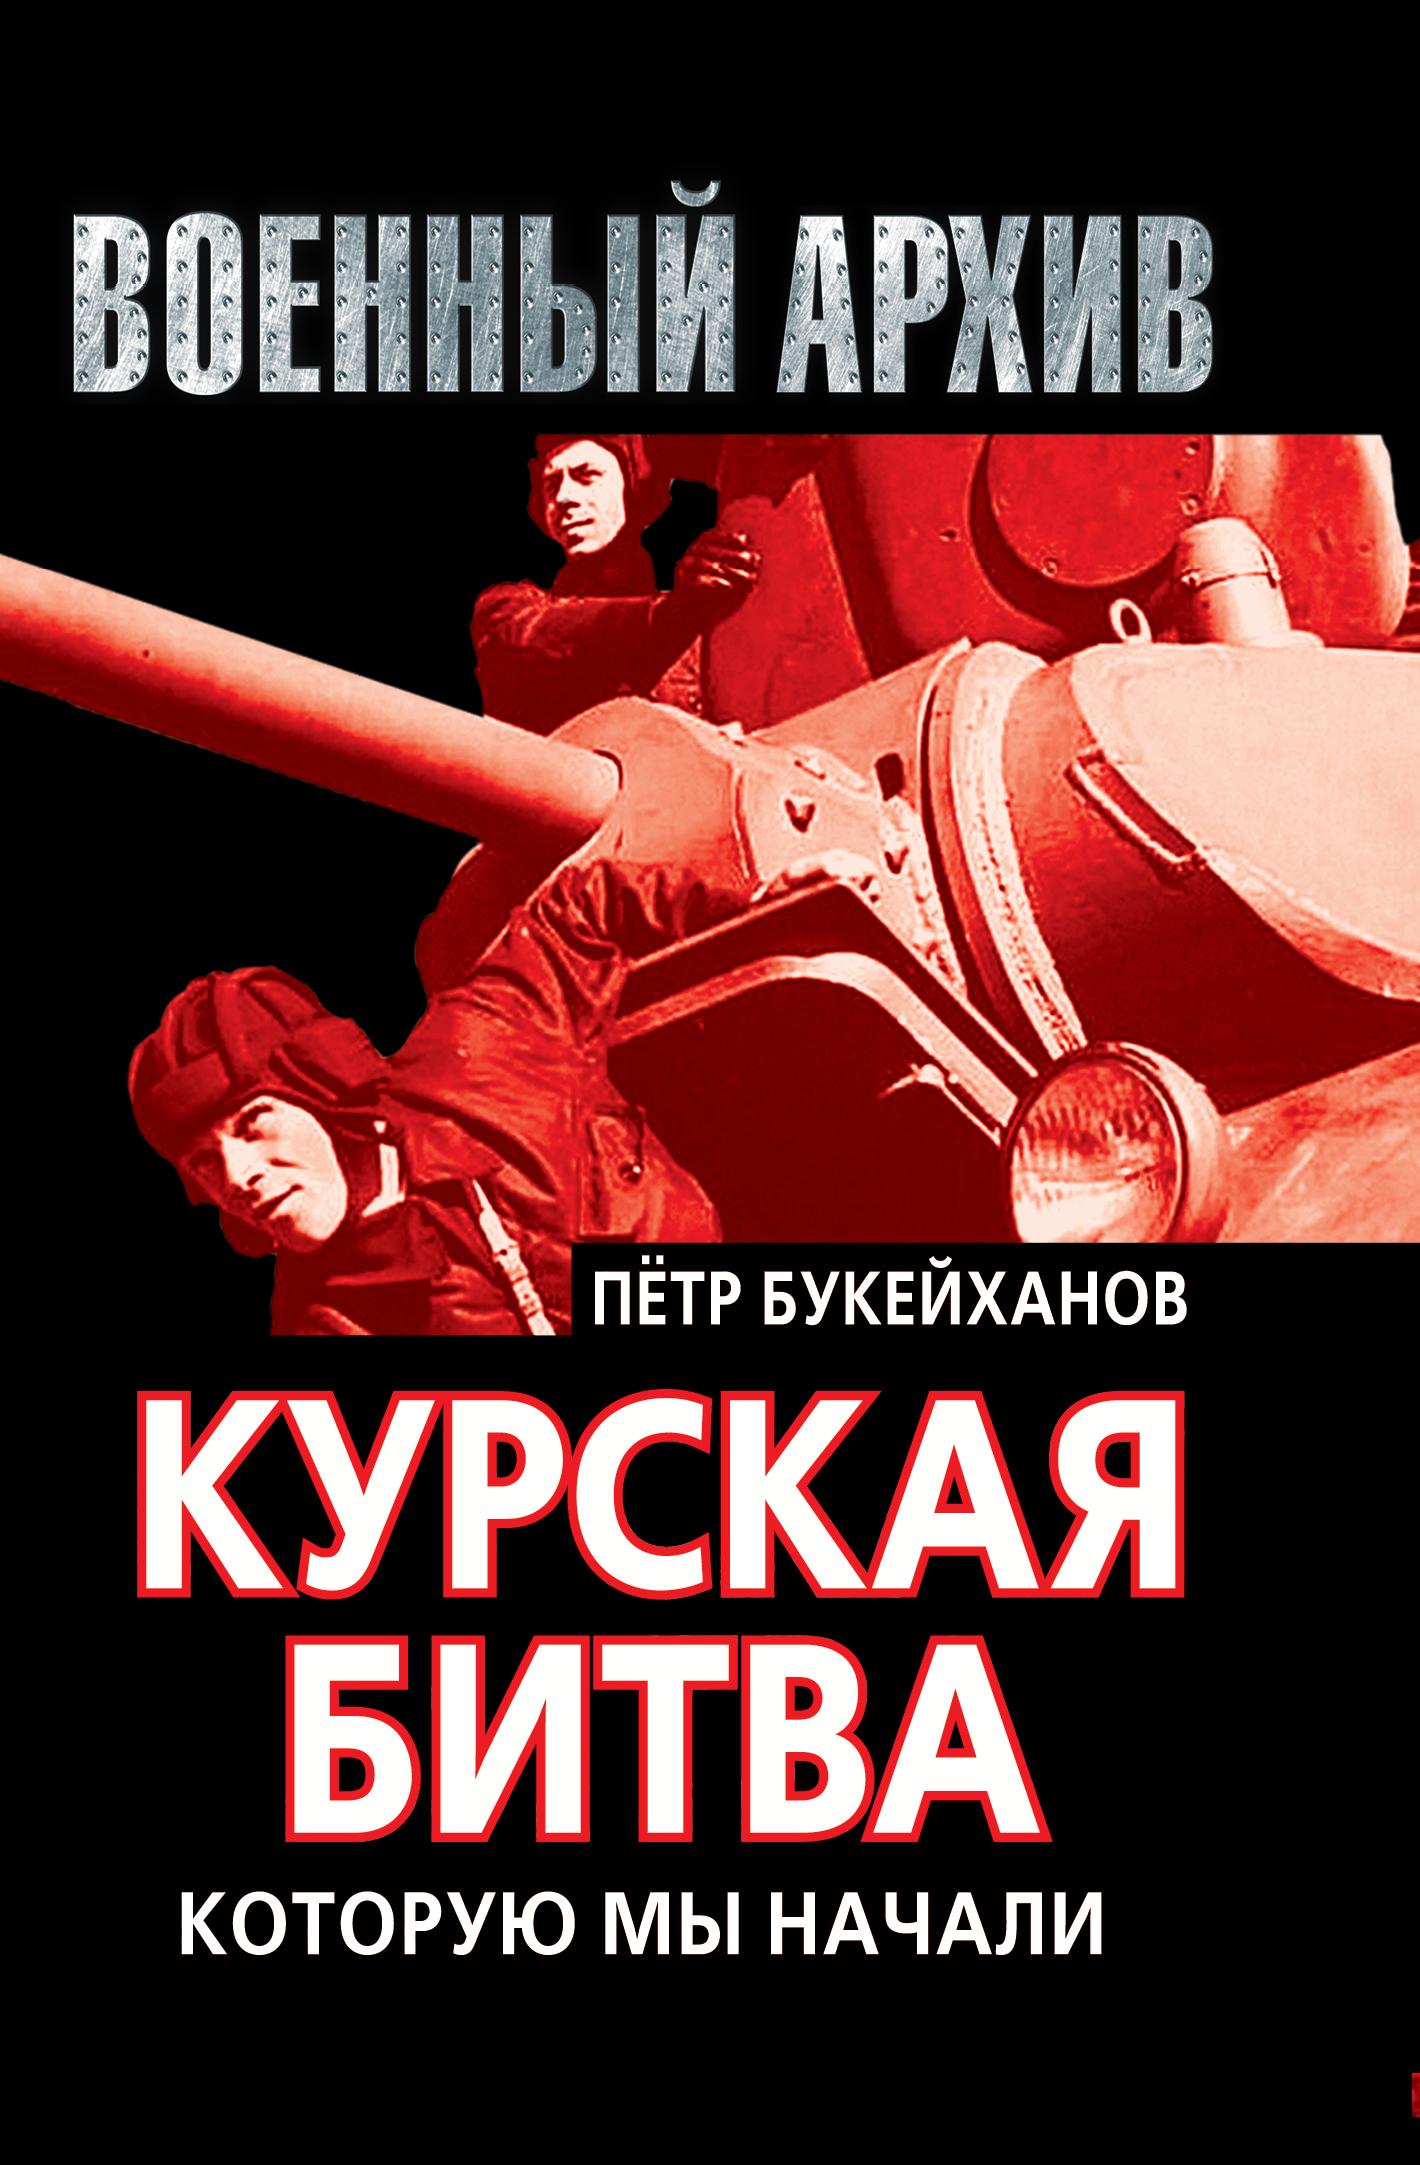 Букейханов П.Е. Курская битва, которую мы начали